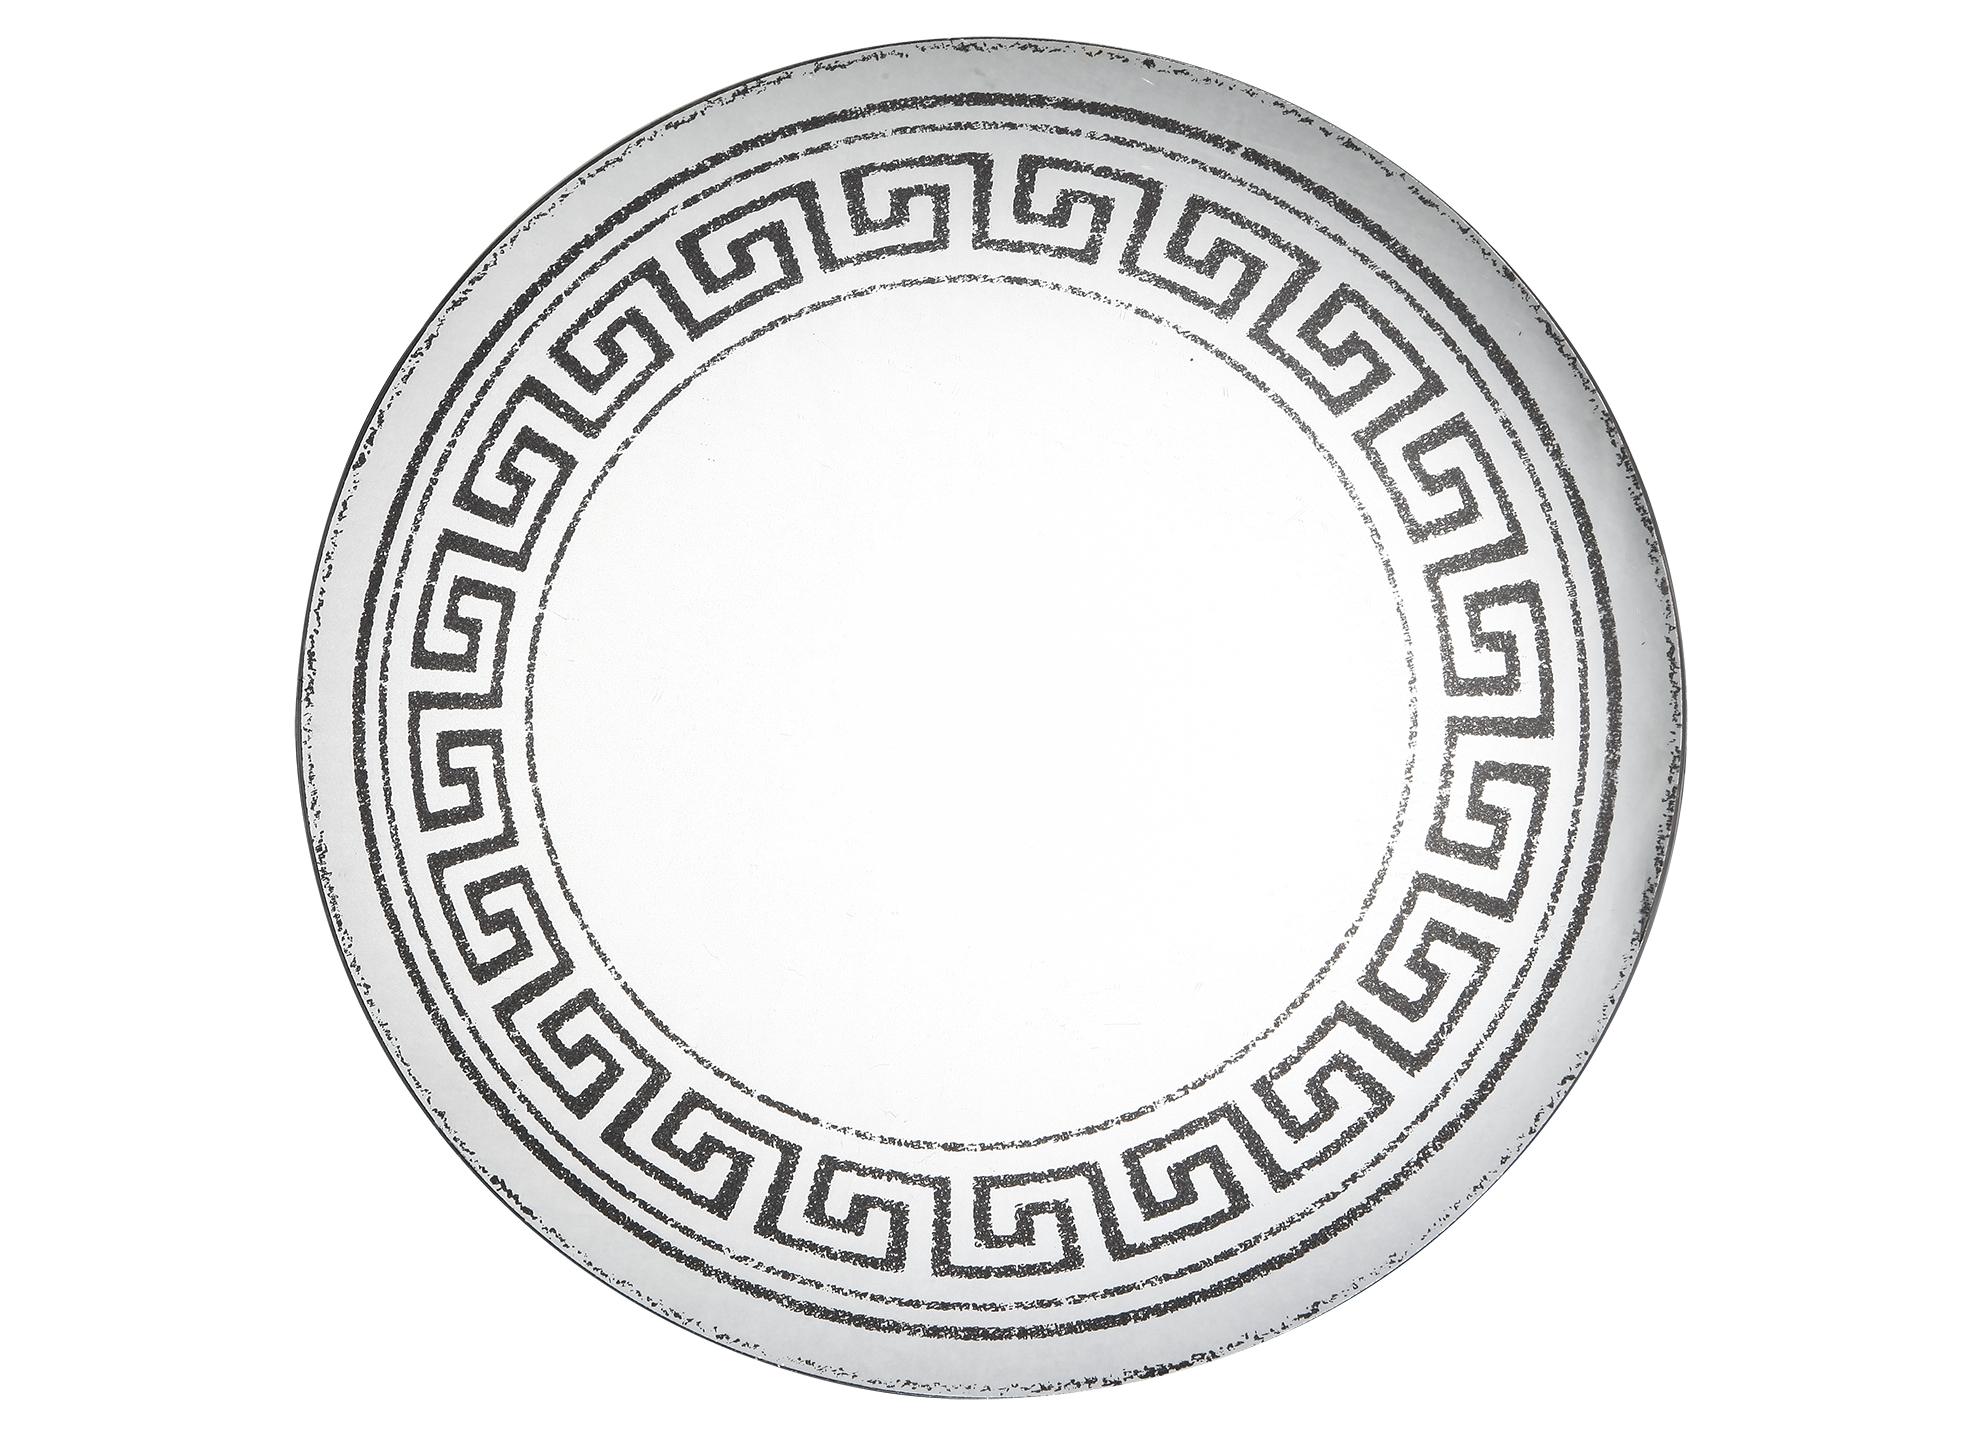 Зеркало настенноеНастенные зеркала<br>Зеркало настенное декоративное, патинированное &amp;quot;под старину&amp;quot;Рама деревянная, с греческим орнаментомМатериал - дерево, зеркало. Вес - 5.55 кг<br><br>Material: Дерево<br>Глубина см: 2